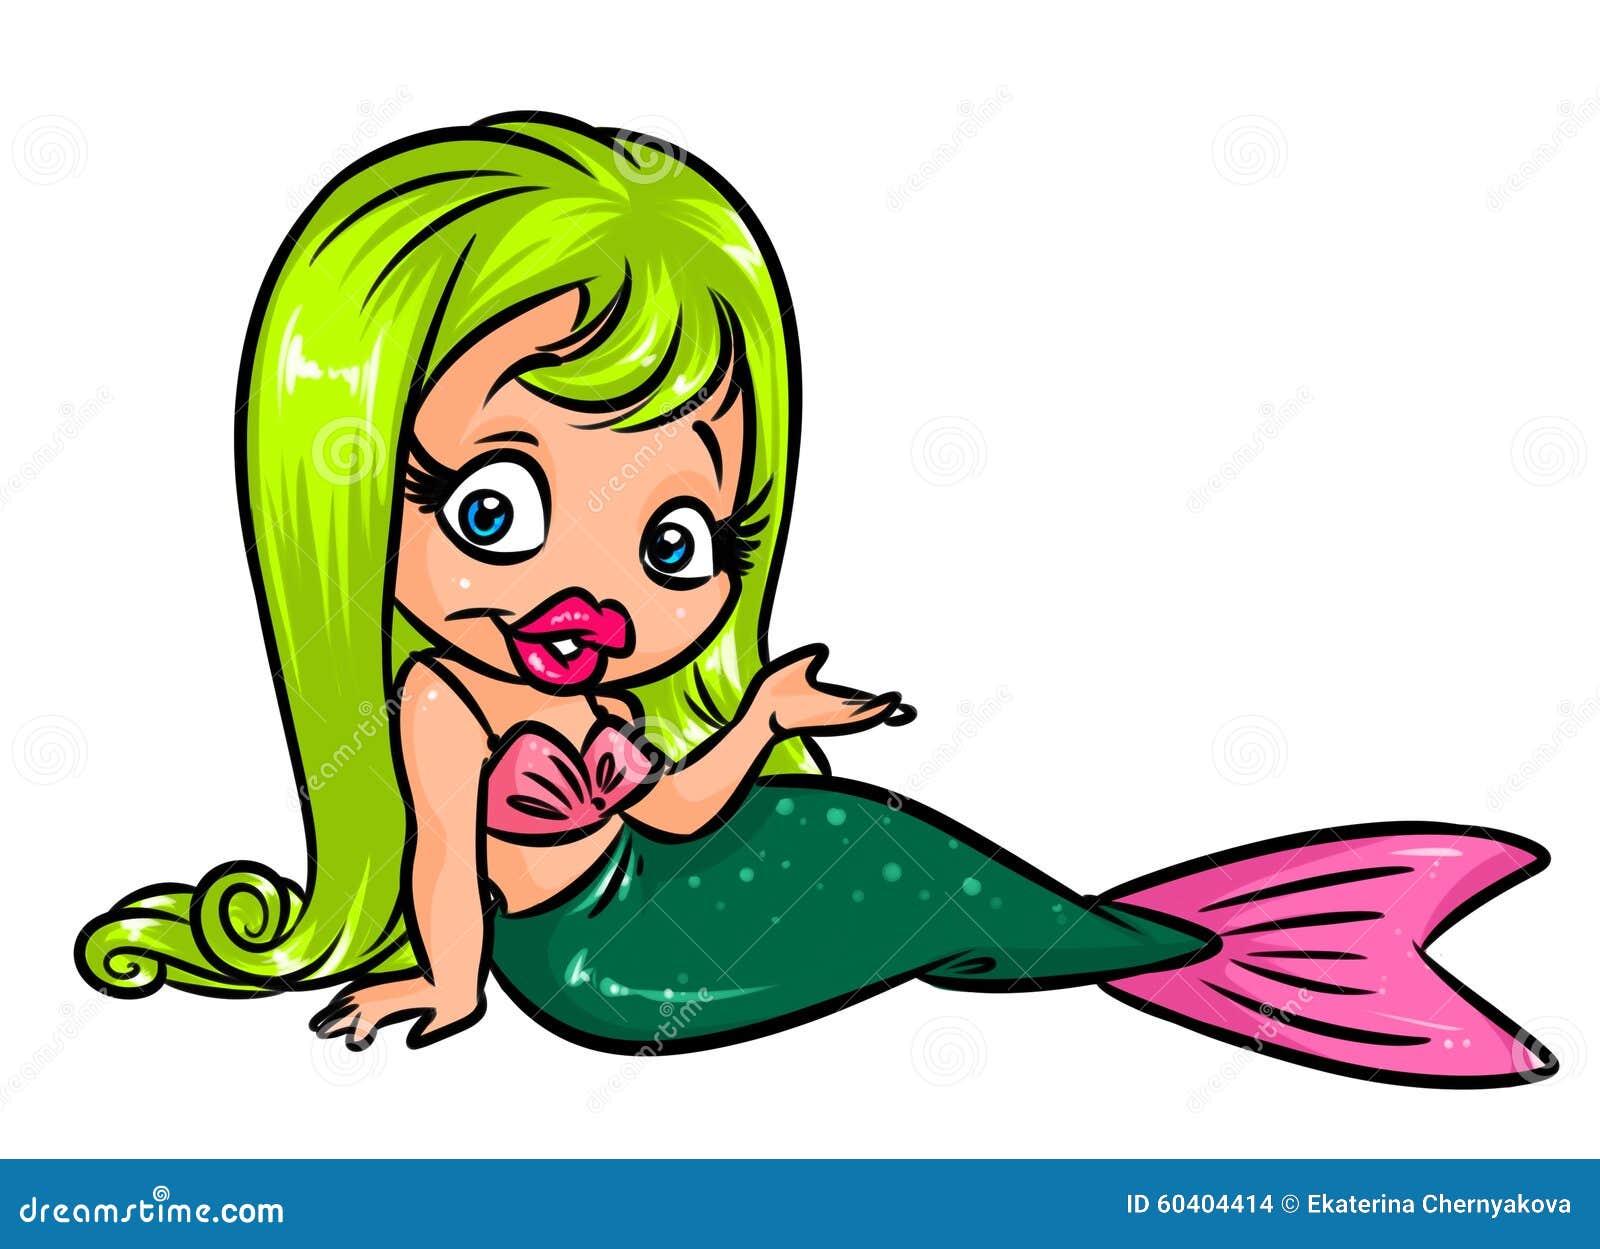 魅力小的美人鱼动画片例证